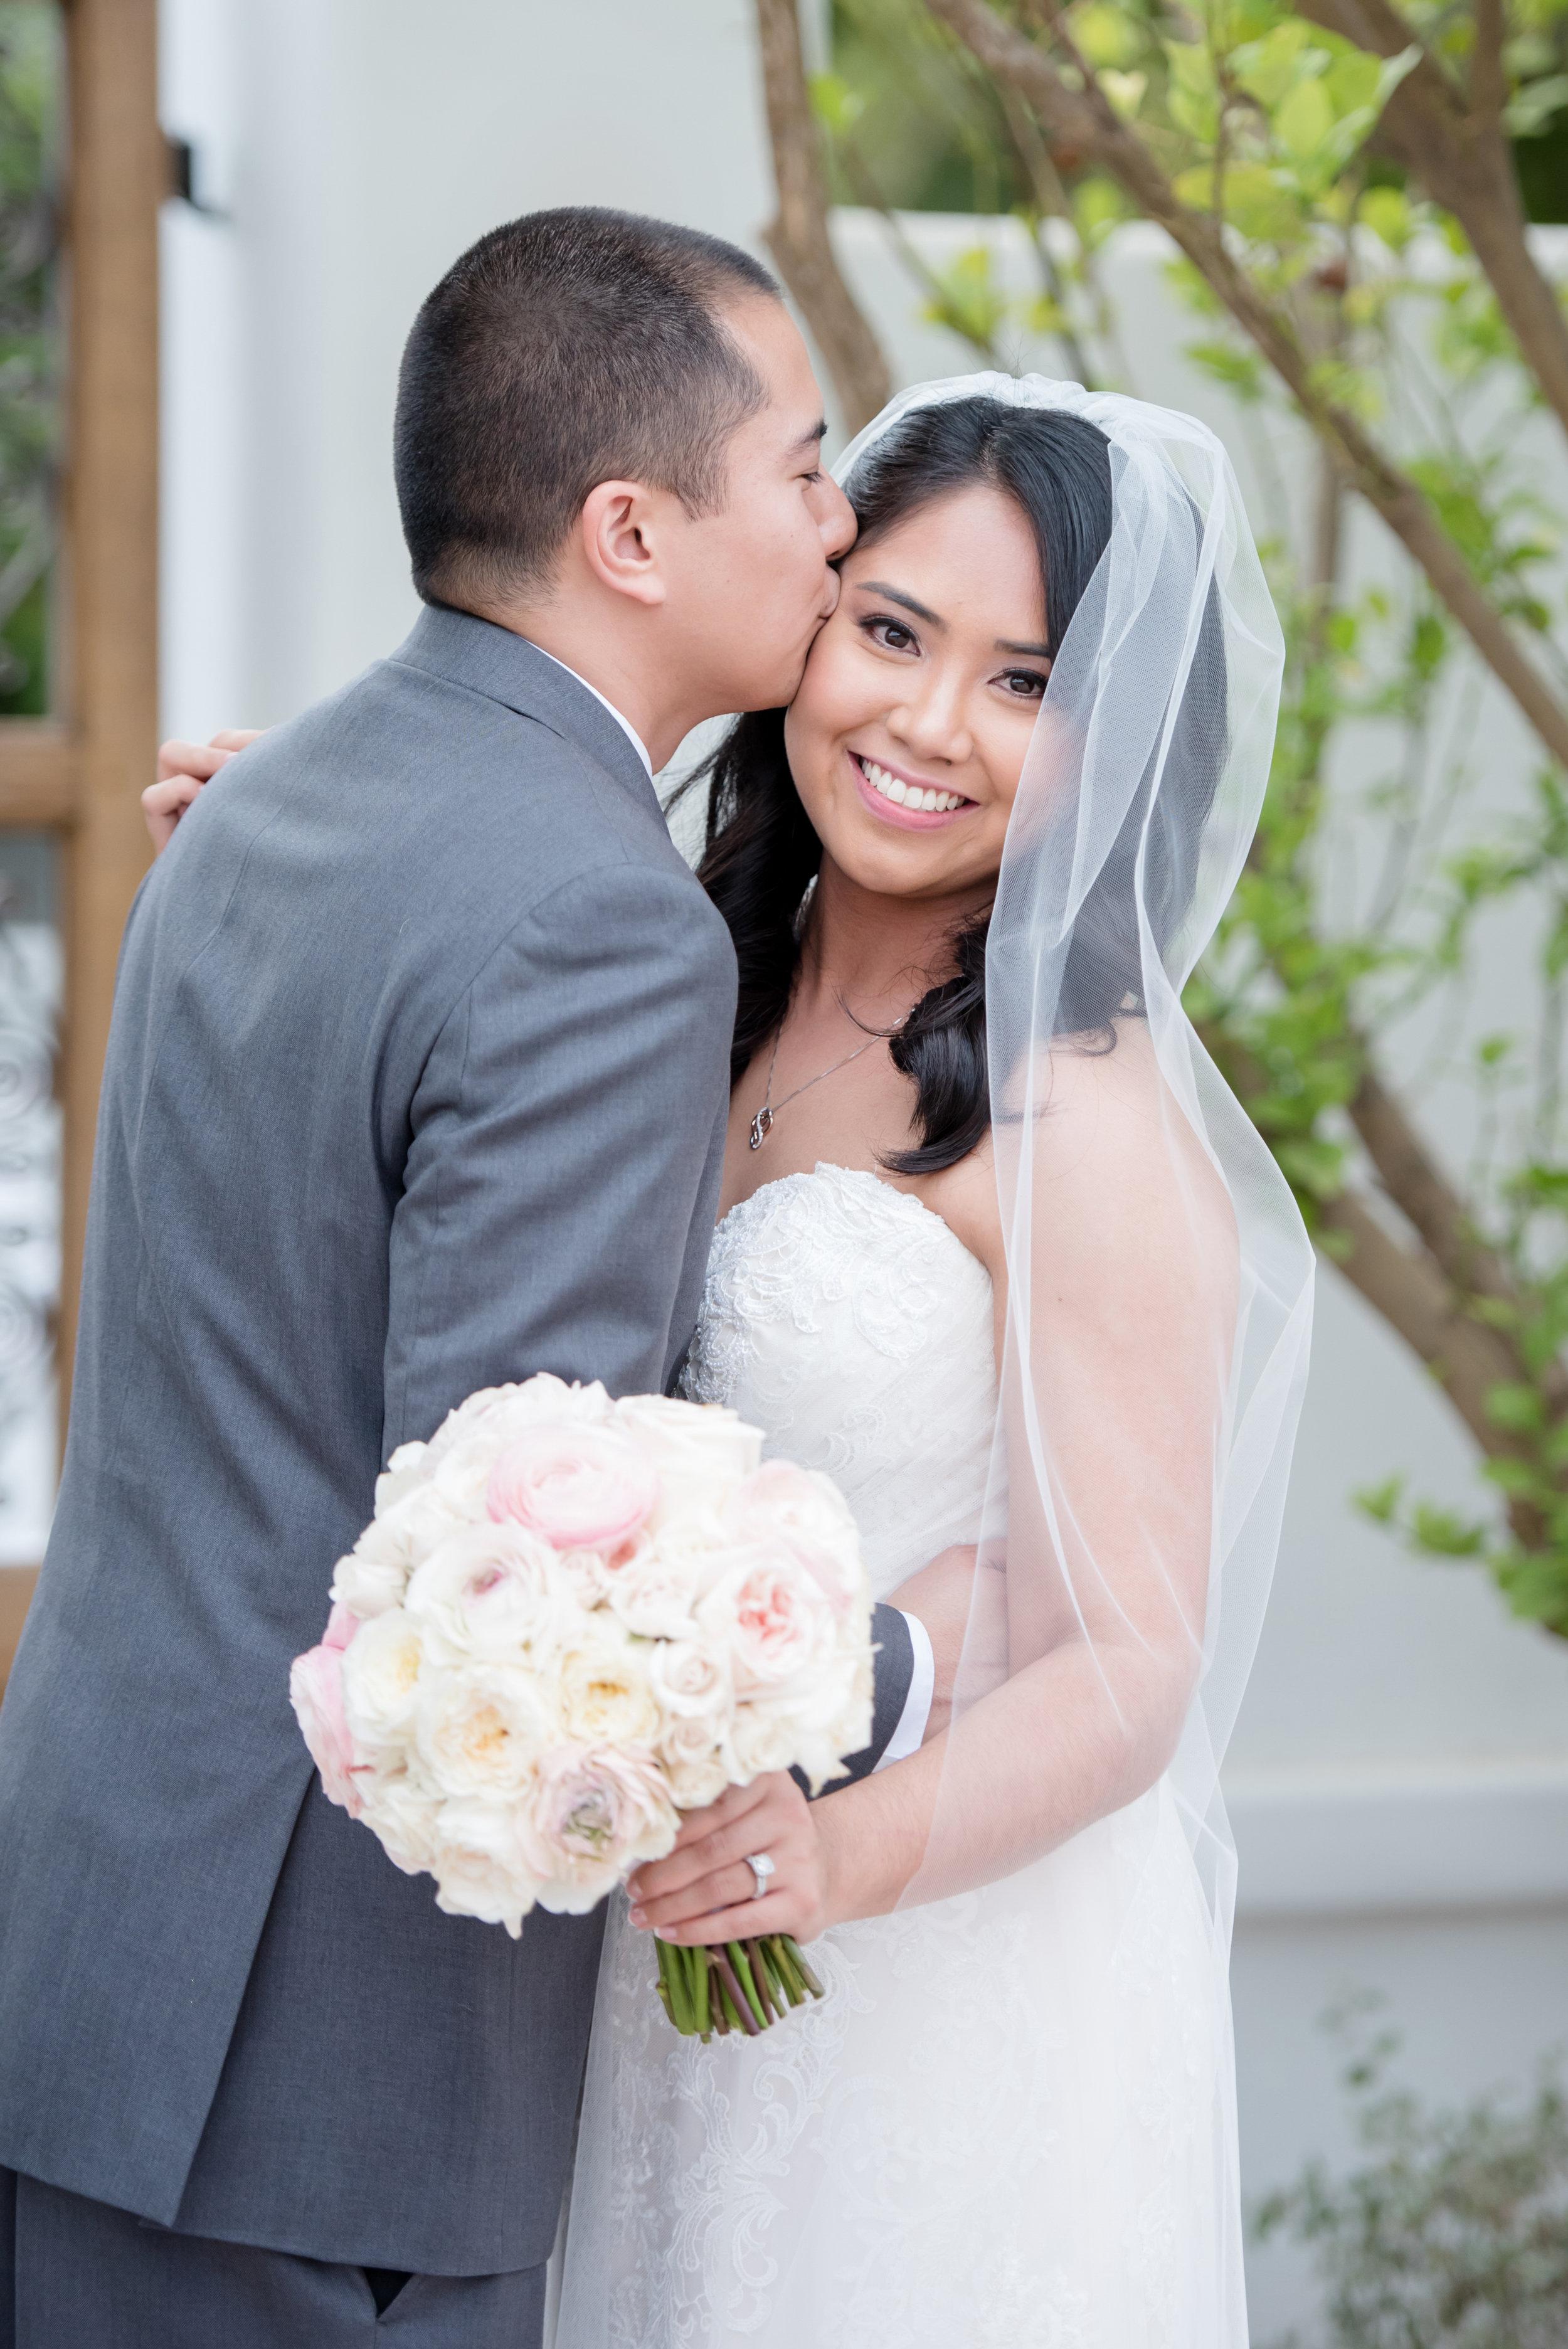 Bridal4thewin_phxmakeup30.jpg